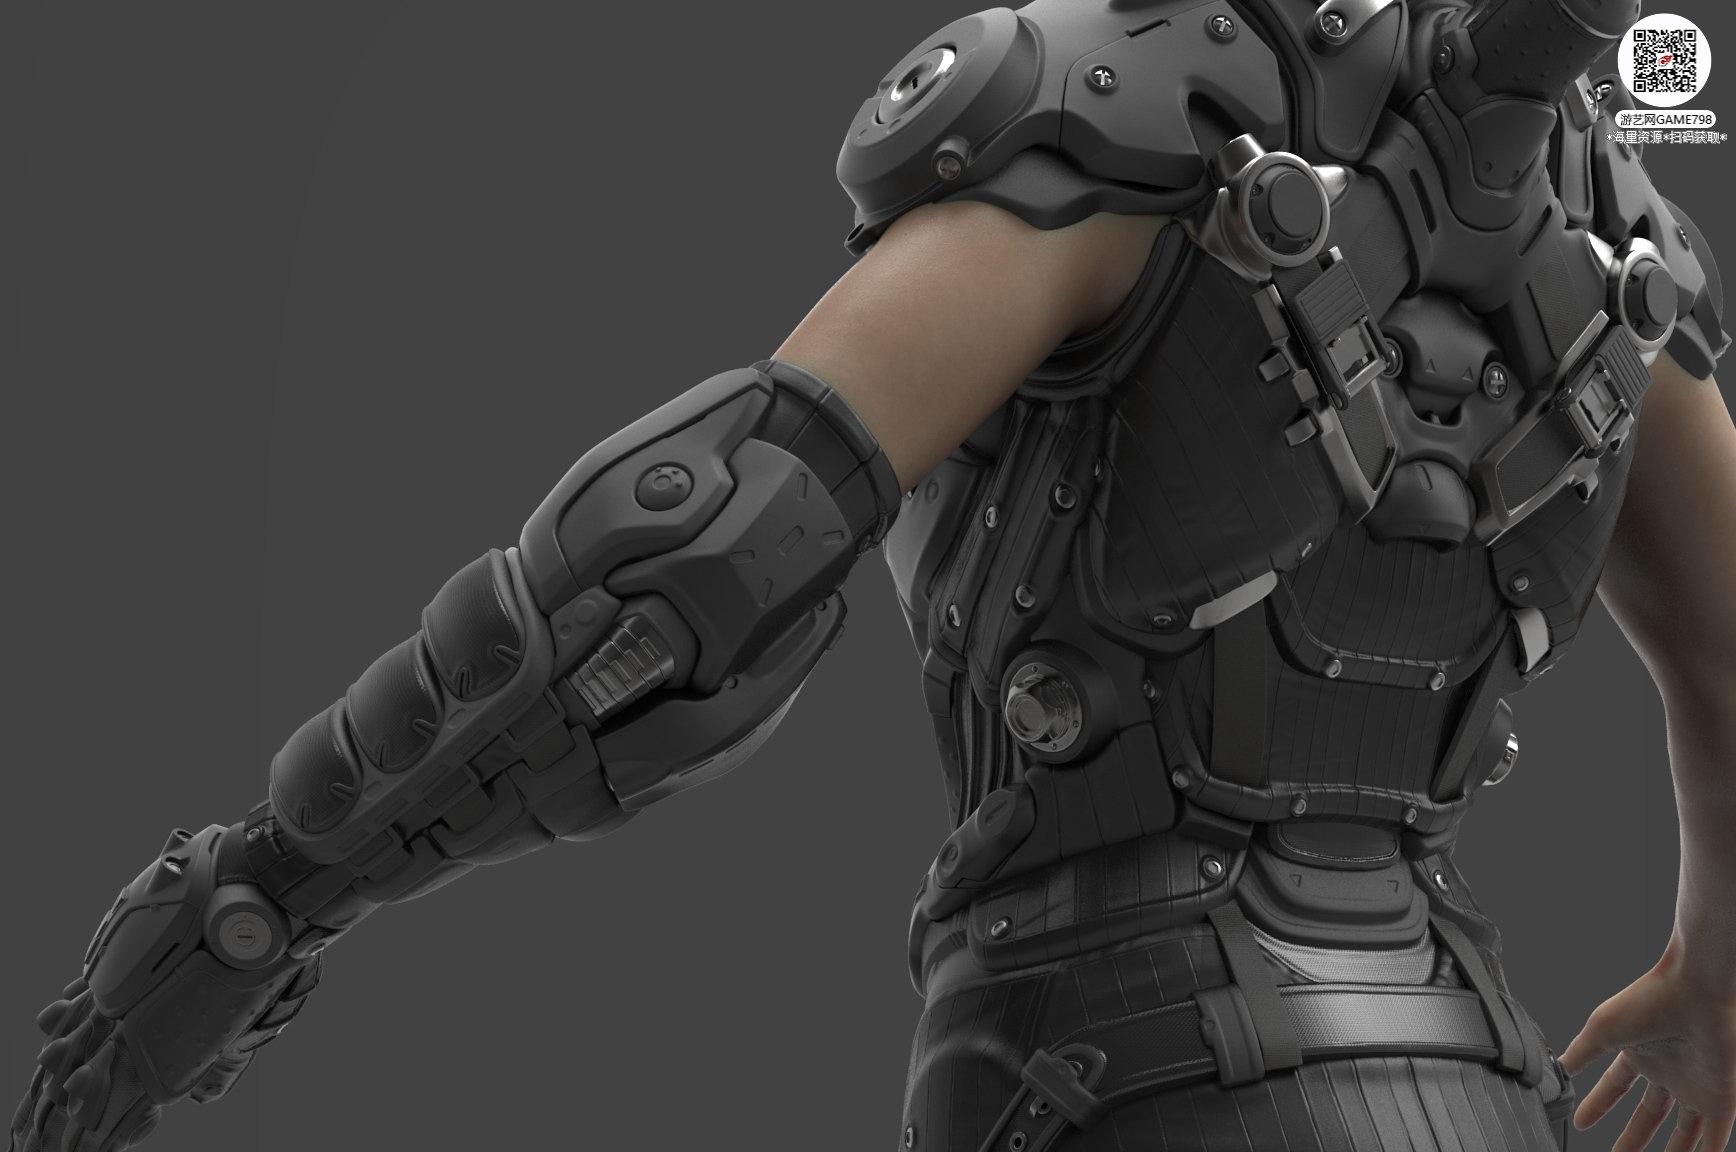 039_关注游艺网公众号获海量资源_3D网游次世代模型大图参考机械怪兽科幻ZBrush4R8雕刻.jpg